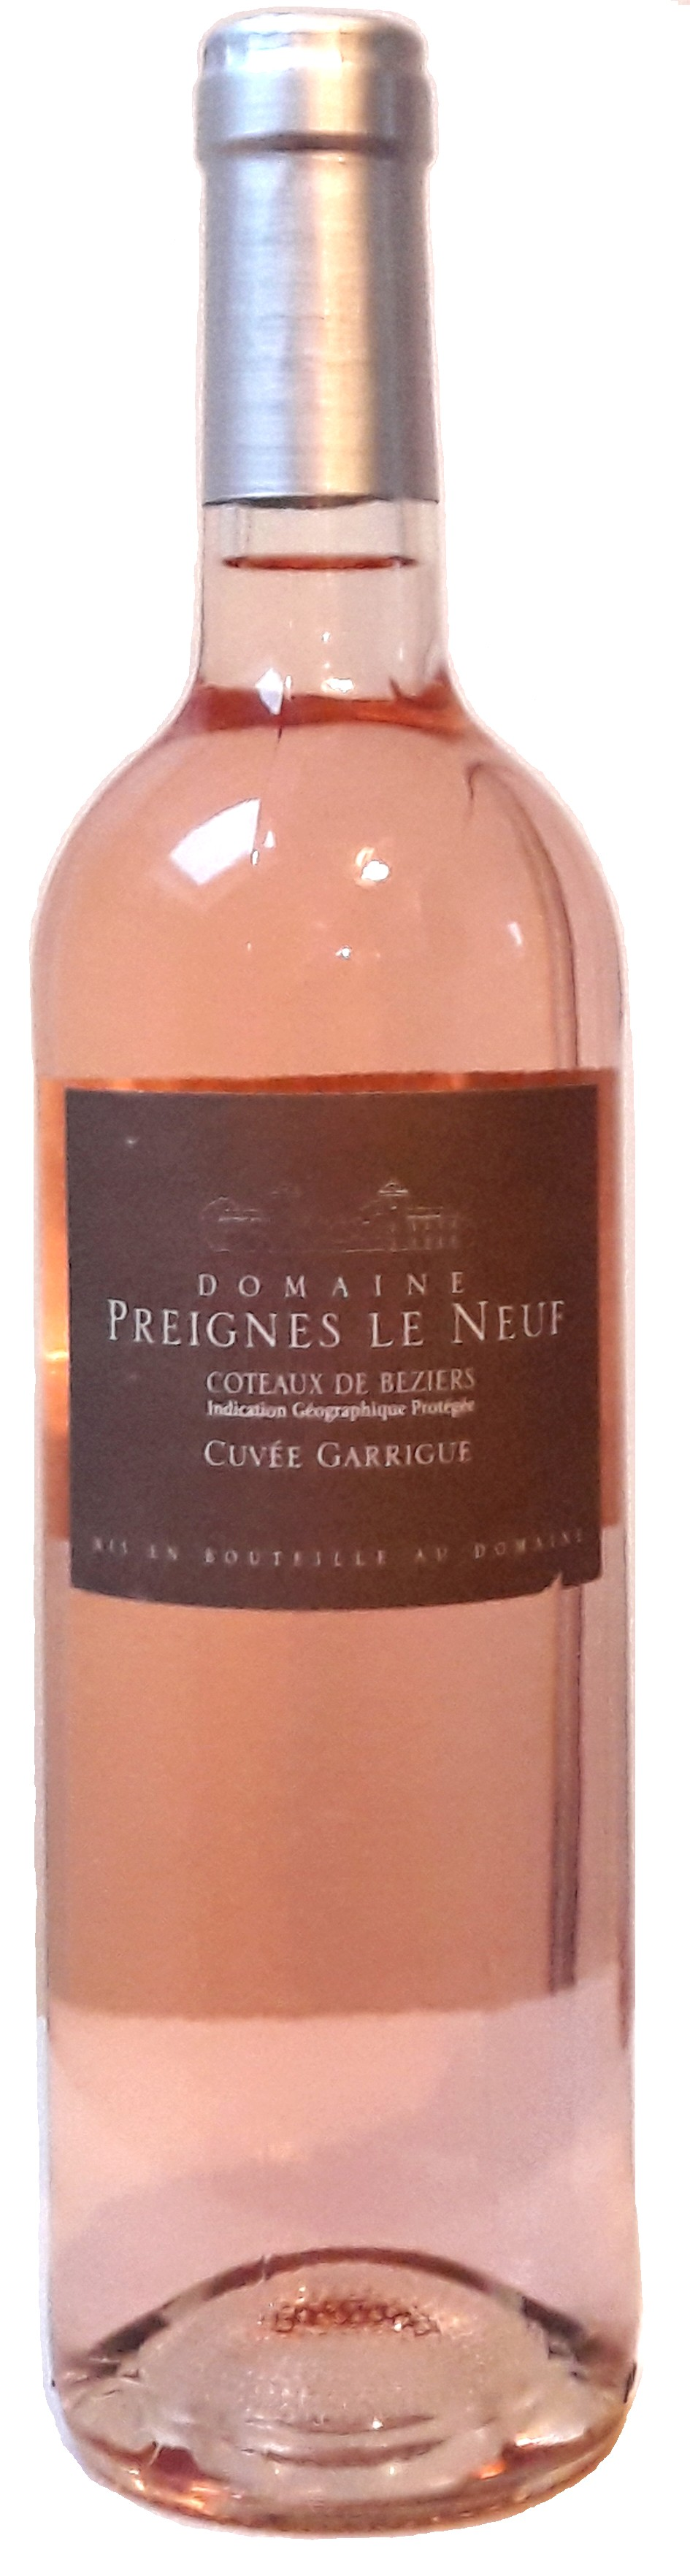 2018 Cuvée Garrigue, Domaine Preignes Le Neuf, Béziers